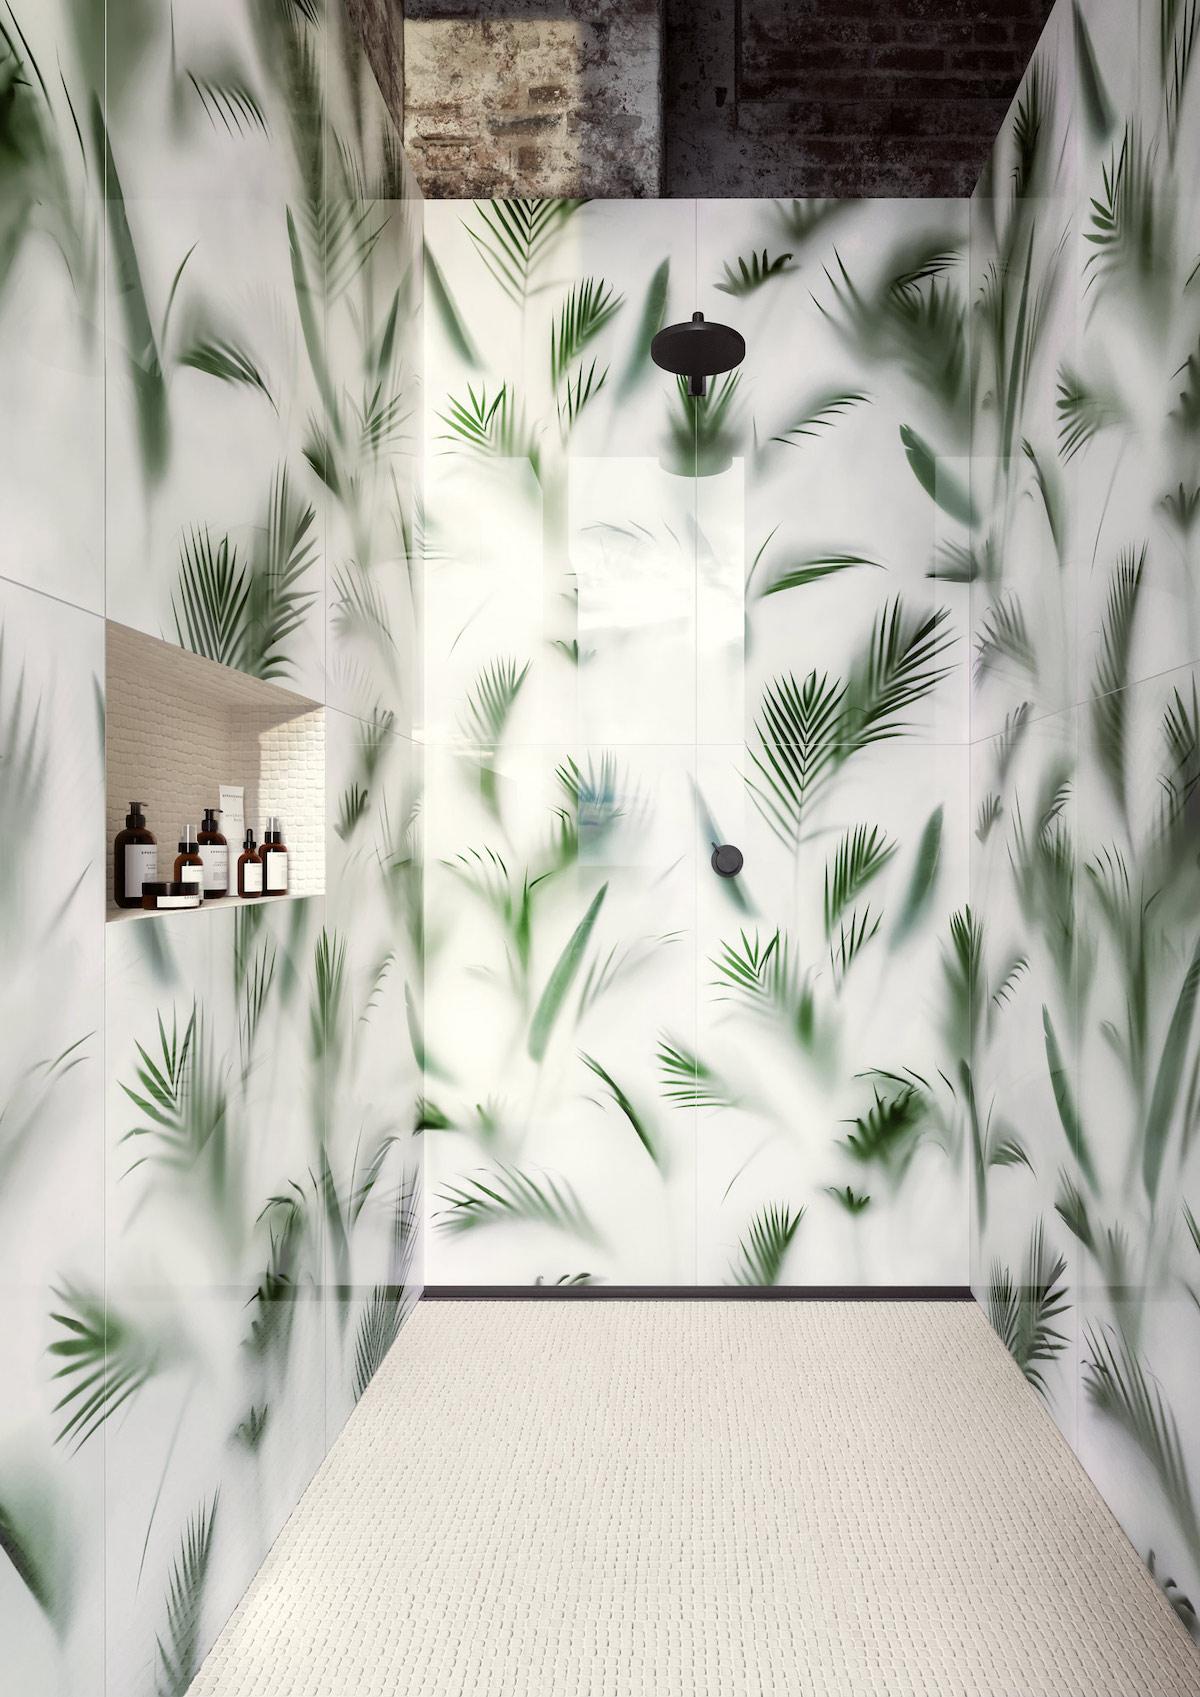 douche urban jungle carrelage trompe oeil feuille palmier